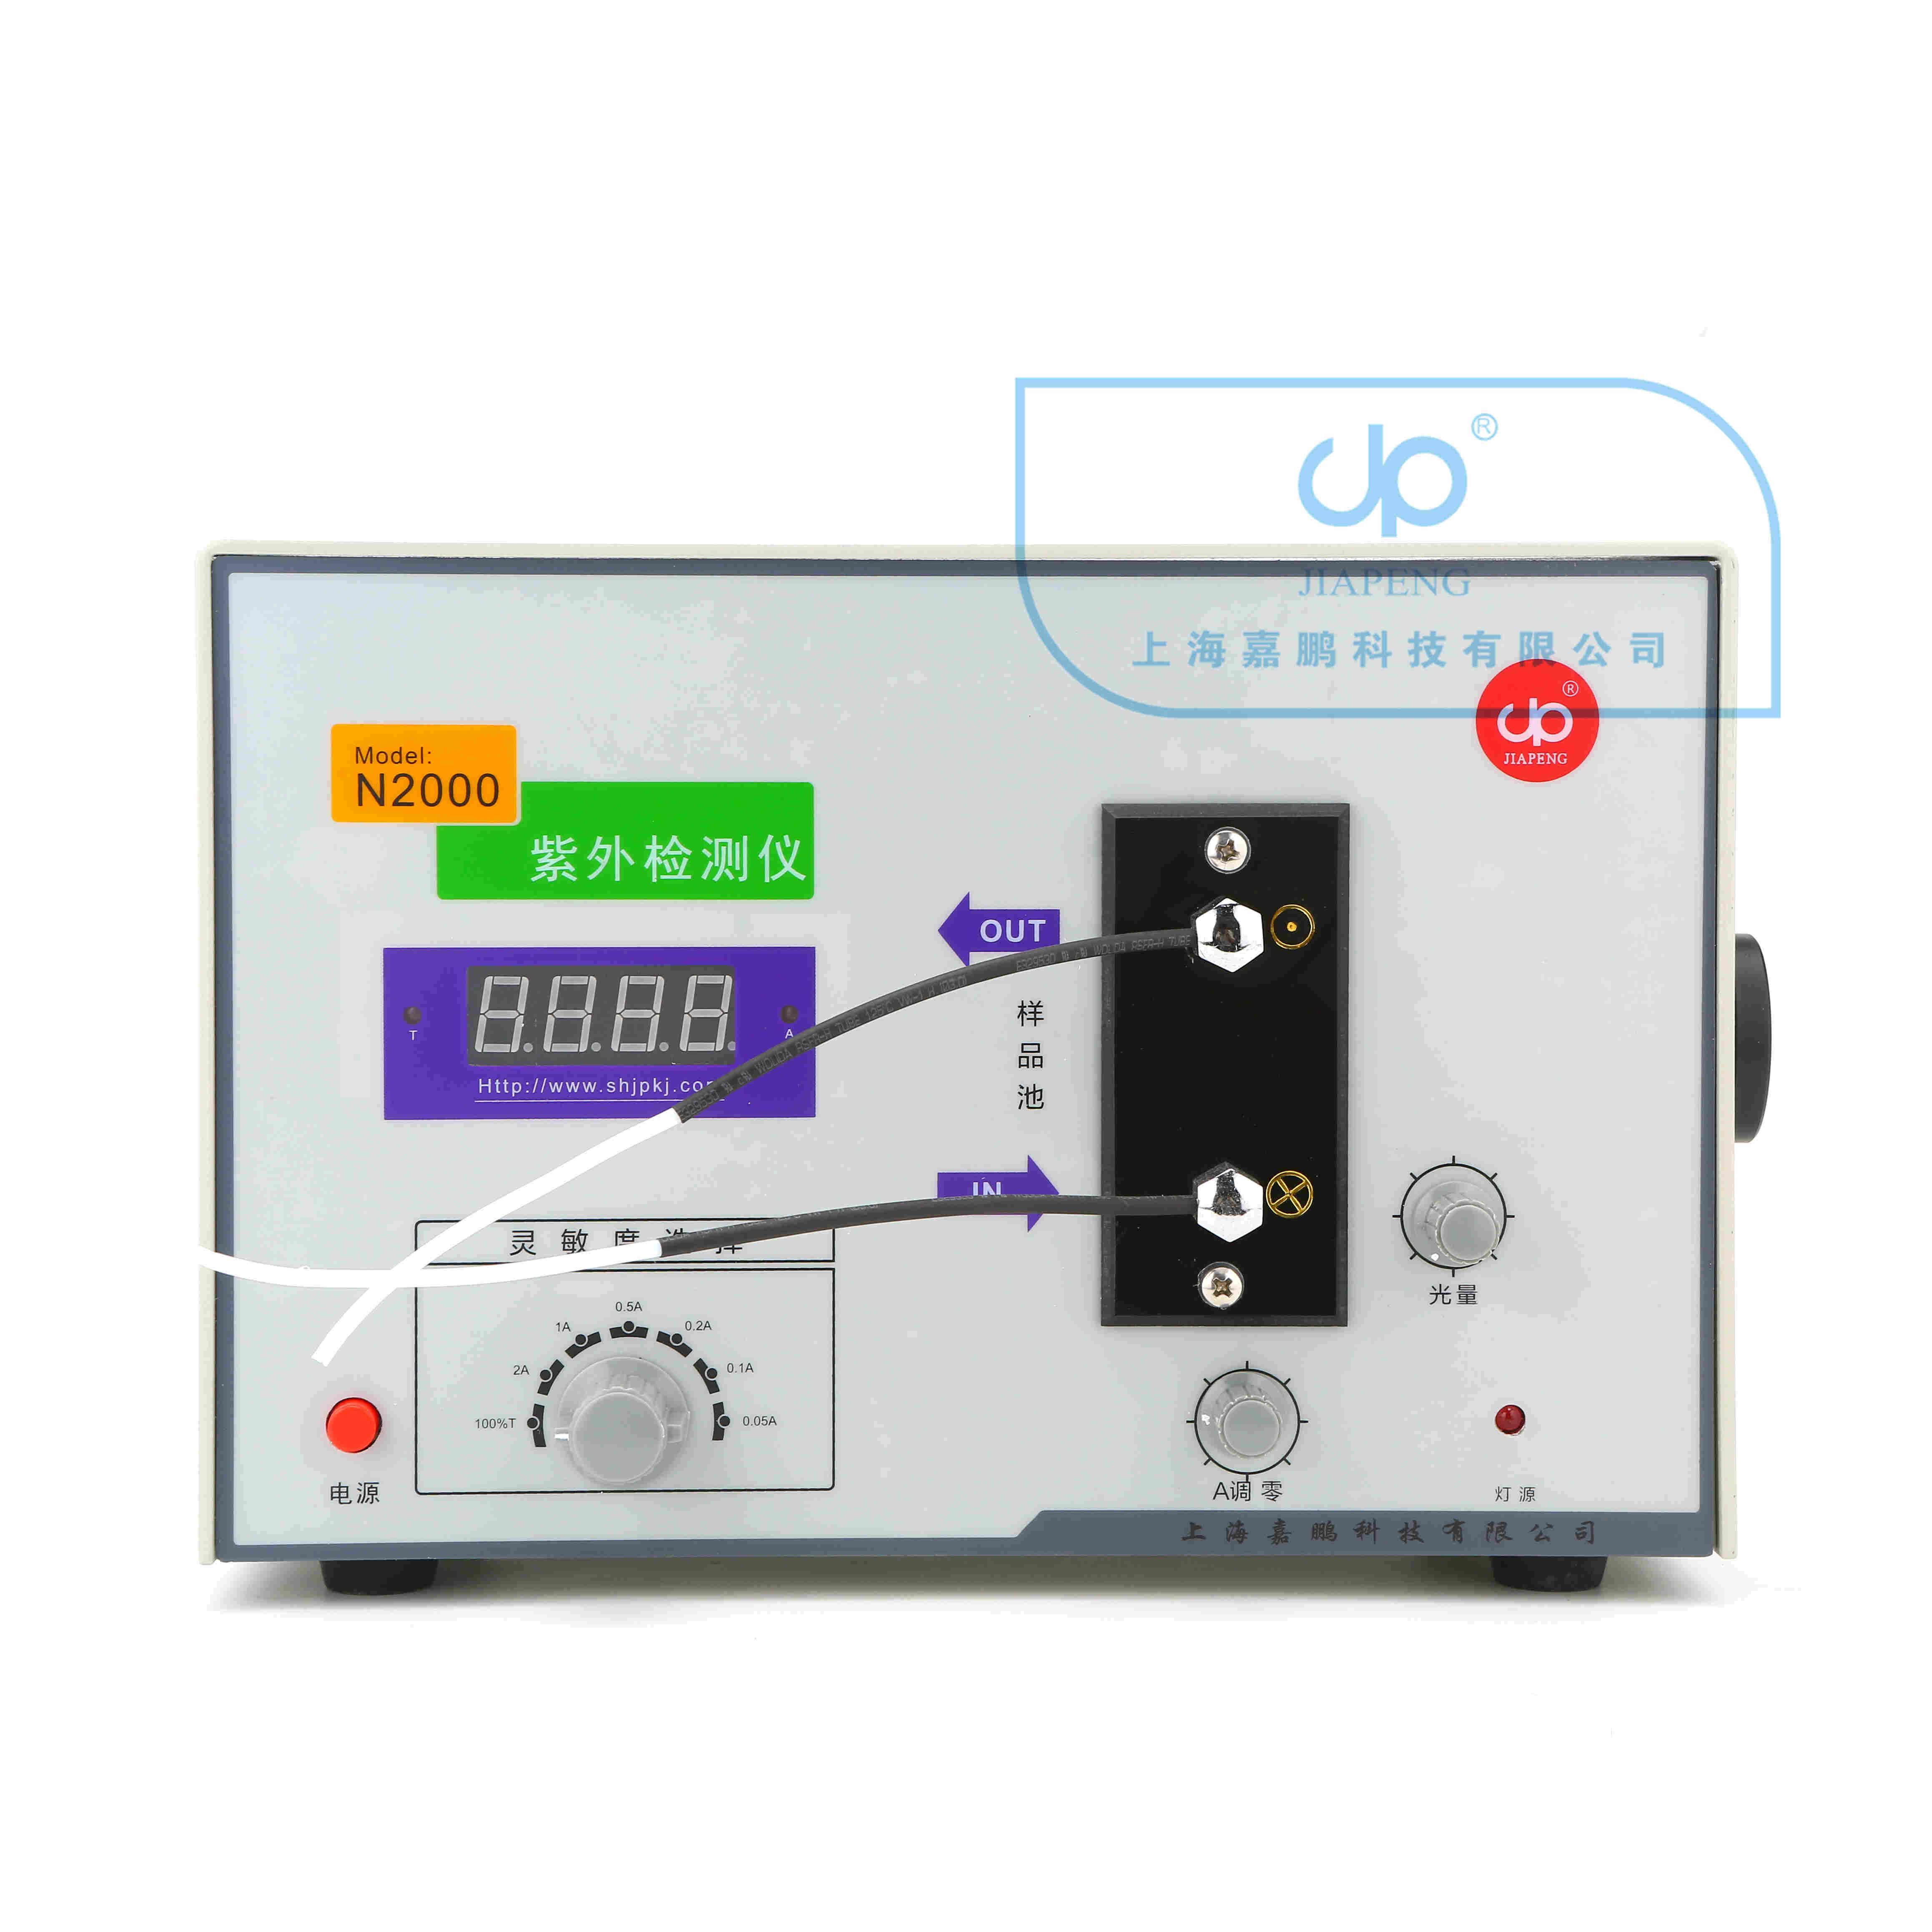 电脑紫外检测仪N2000